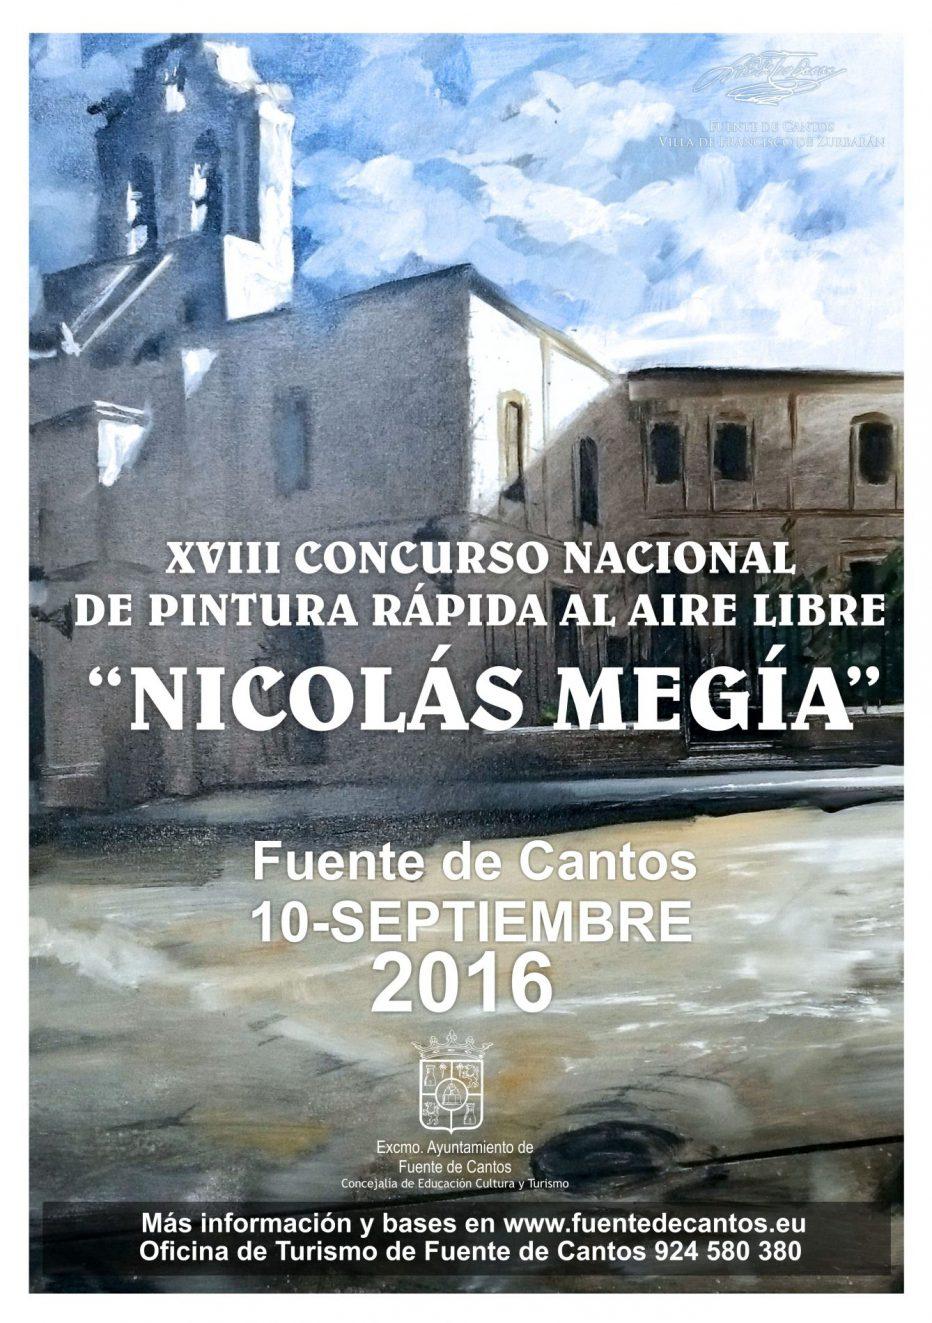 XVIII CONCURSO NACIONAL DE PINTURA RÁPIDA AL AIRE LIBRE «NICOLÁS MEGÍA»